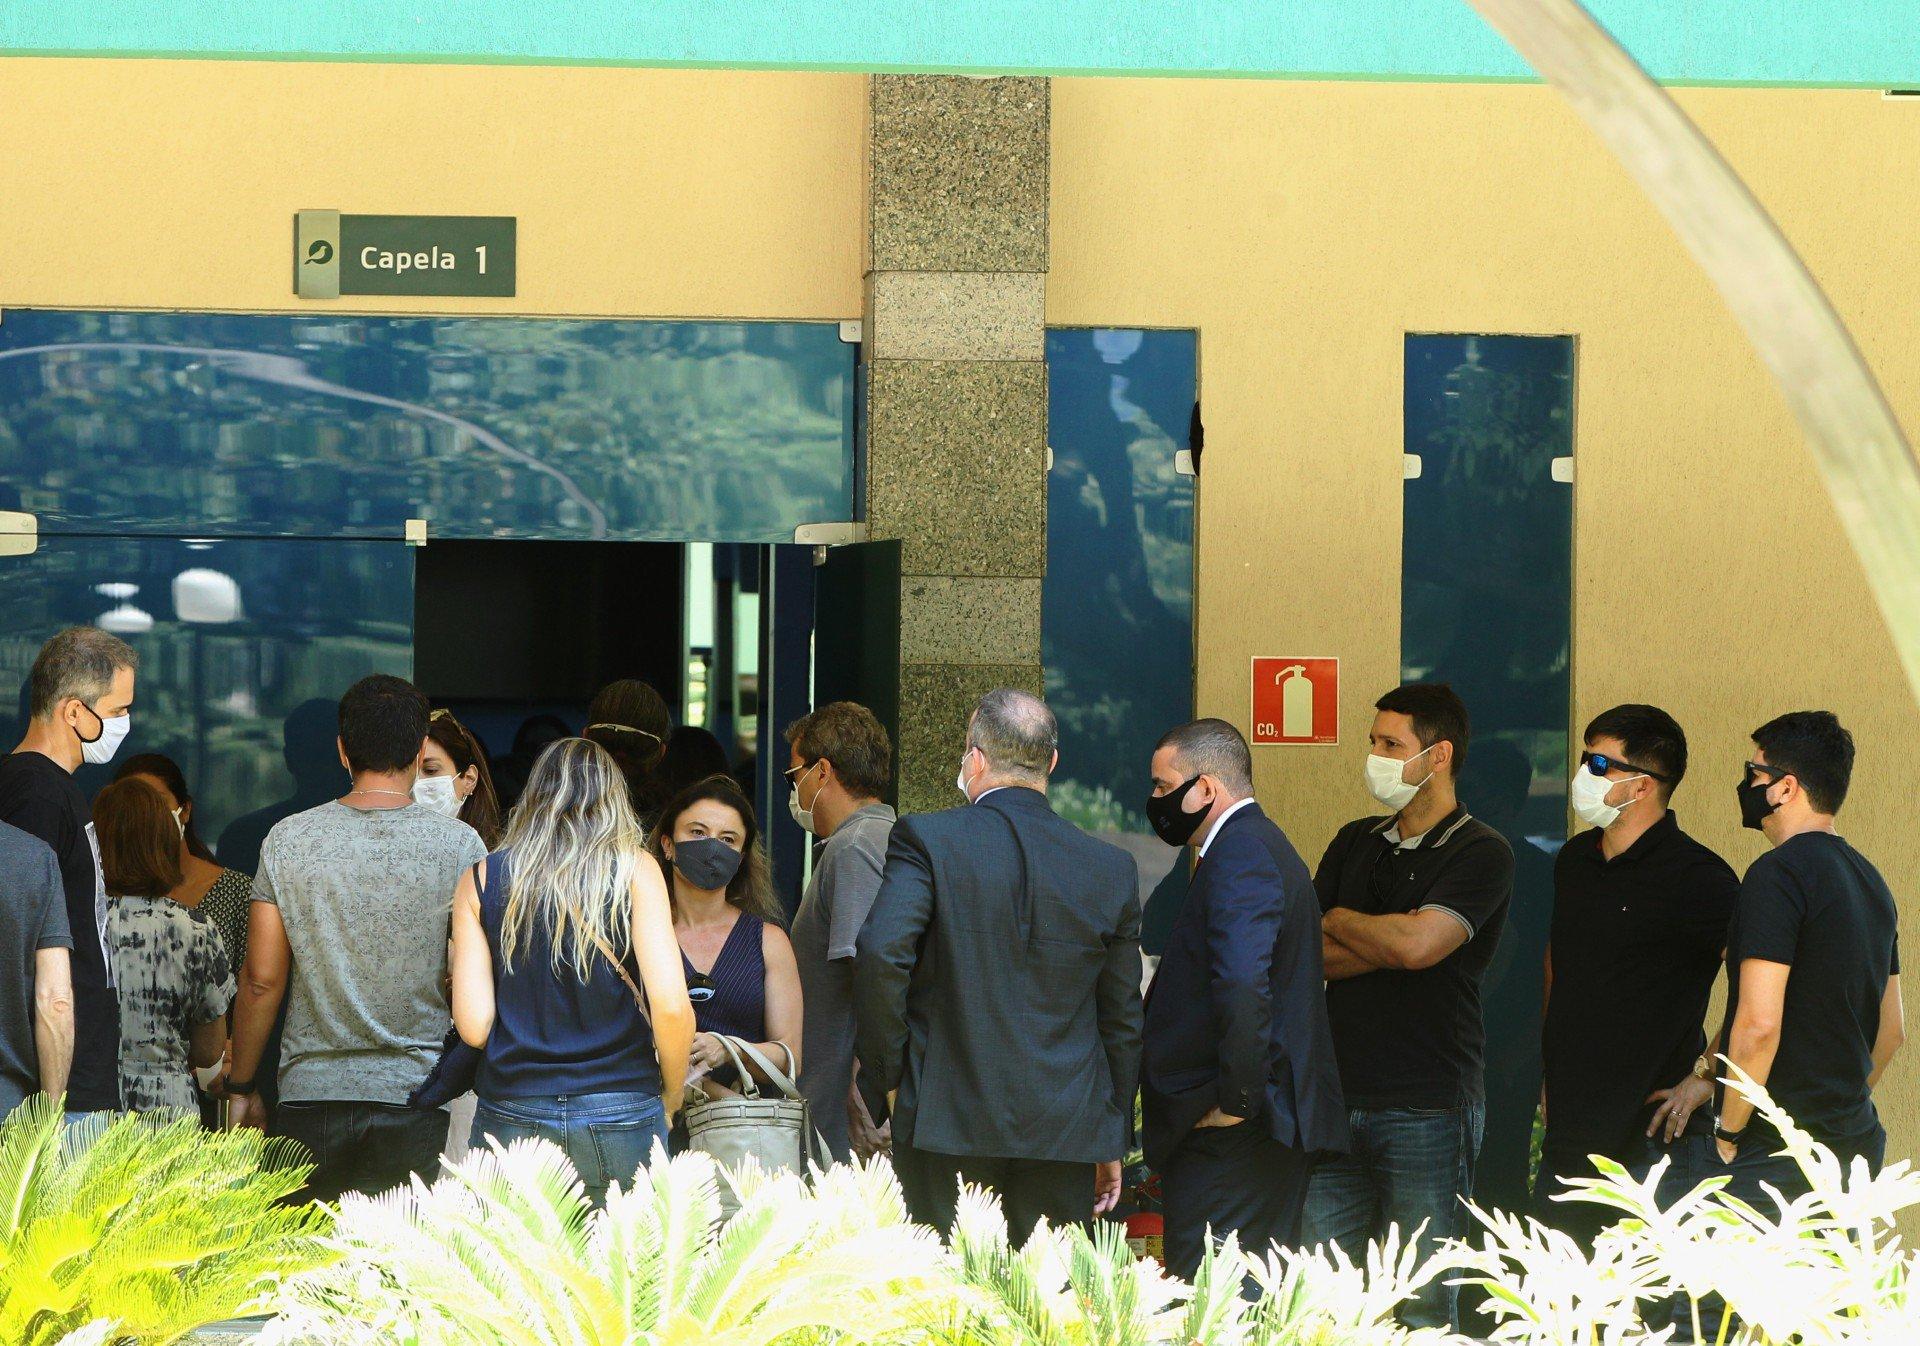 O corpo da Juíza Viviane Arronenzi foi cremado neste sábado no Cemitério da Penitência, no Caju. Parentes e amigos compareceram à cerimônia. - Estefan Radovicz / Agencia O Dia